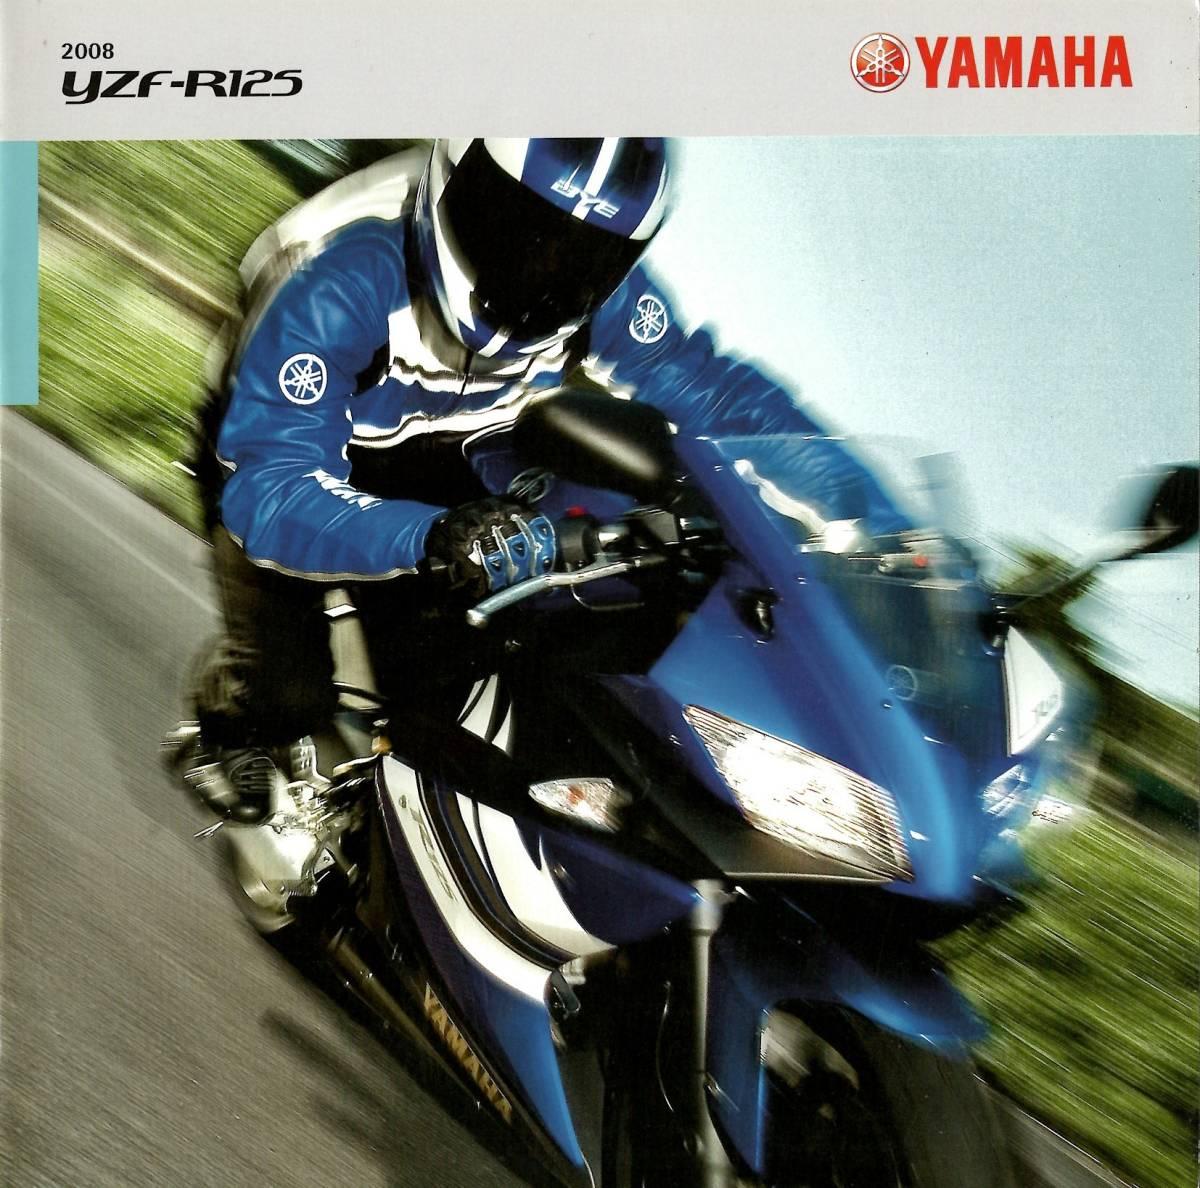 欧州版 ヤマハ 2008年 YZF-R125 カタログ。単品カタログはめったに出ないです。